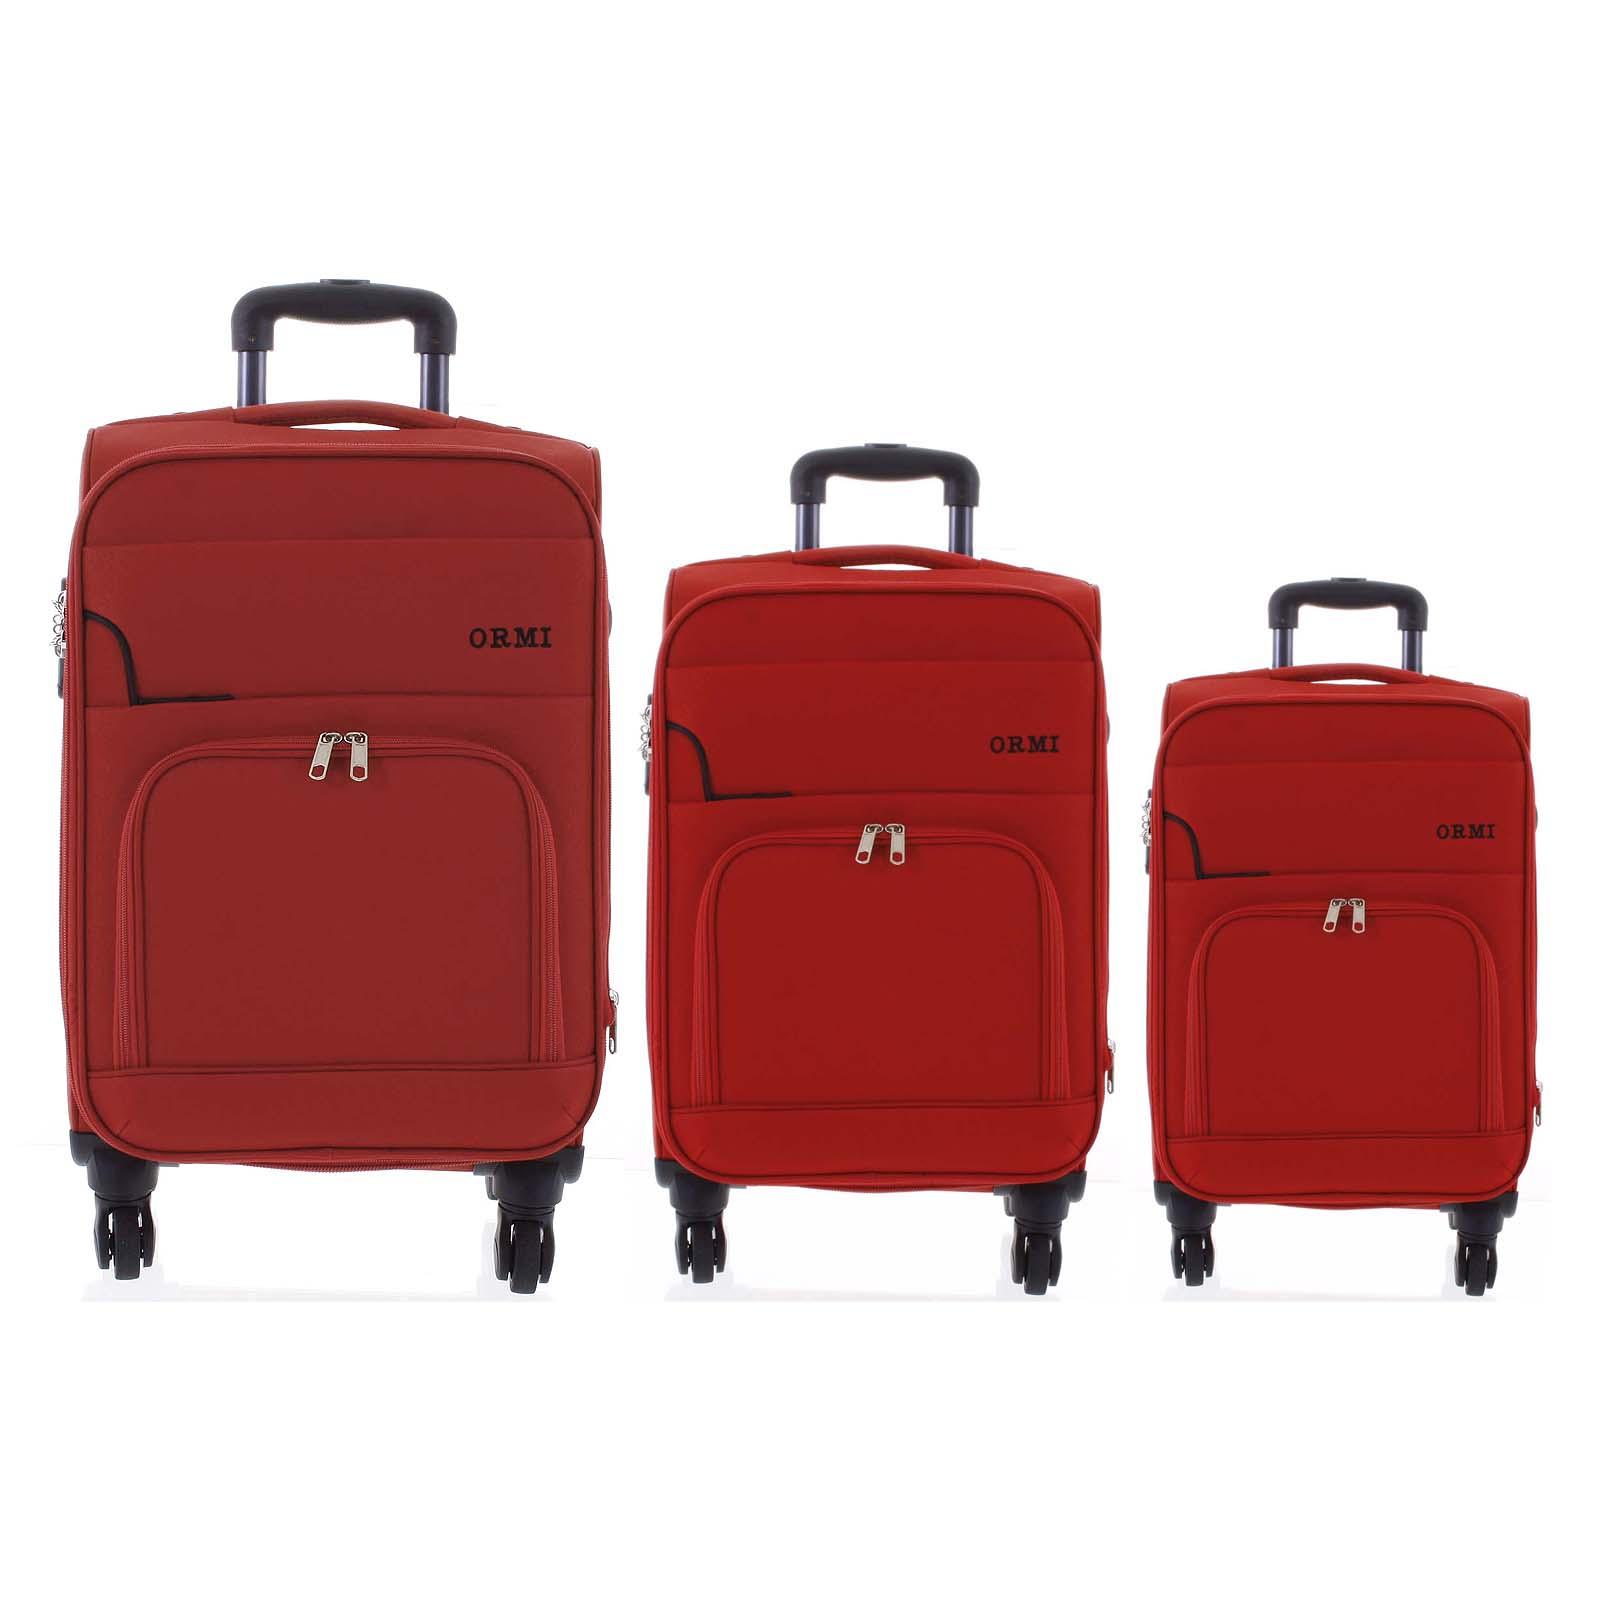 Cestovný látkový červený kufor sada - Ormi Nitire S, M, L